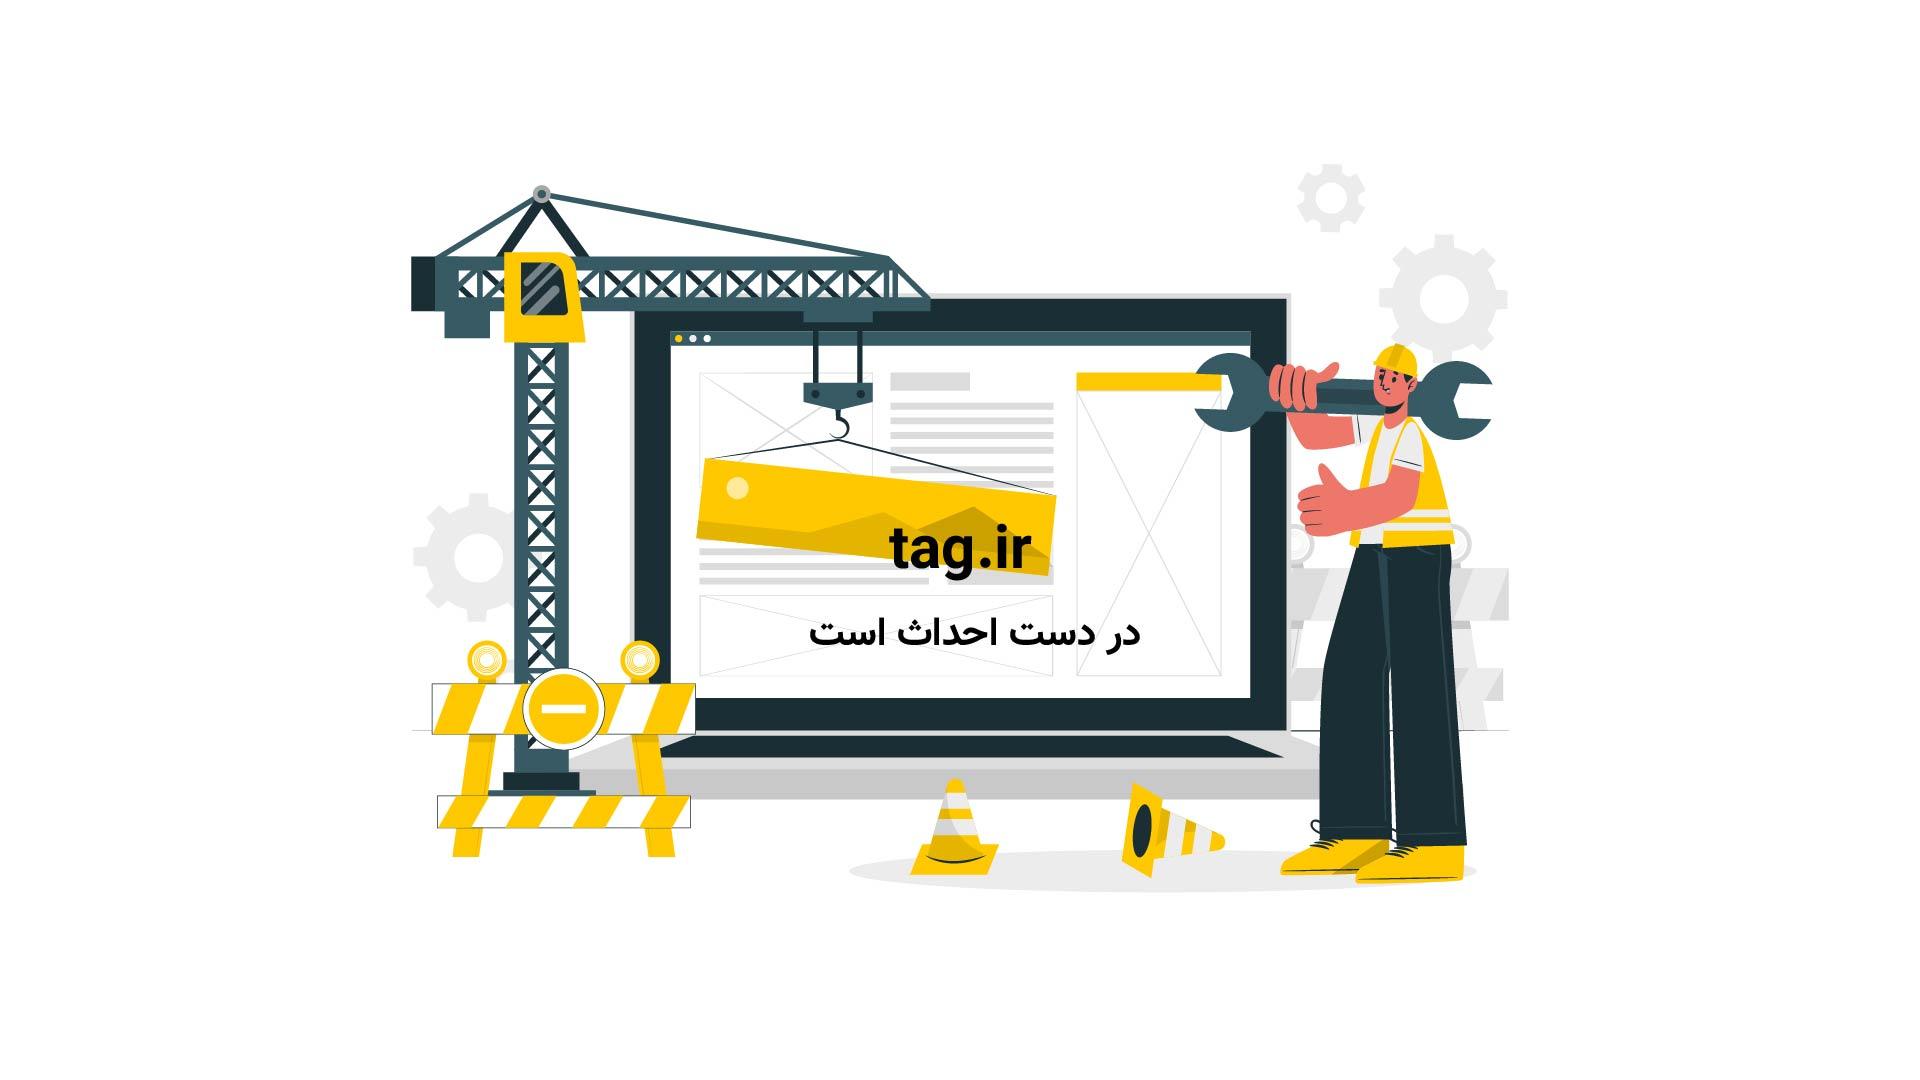 صفحه اول روزنامههای اقتصادی چهارشنبه 11 بهمن | فیلم